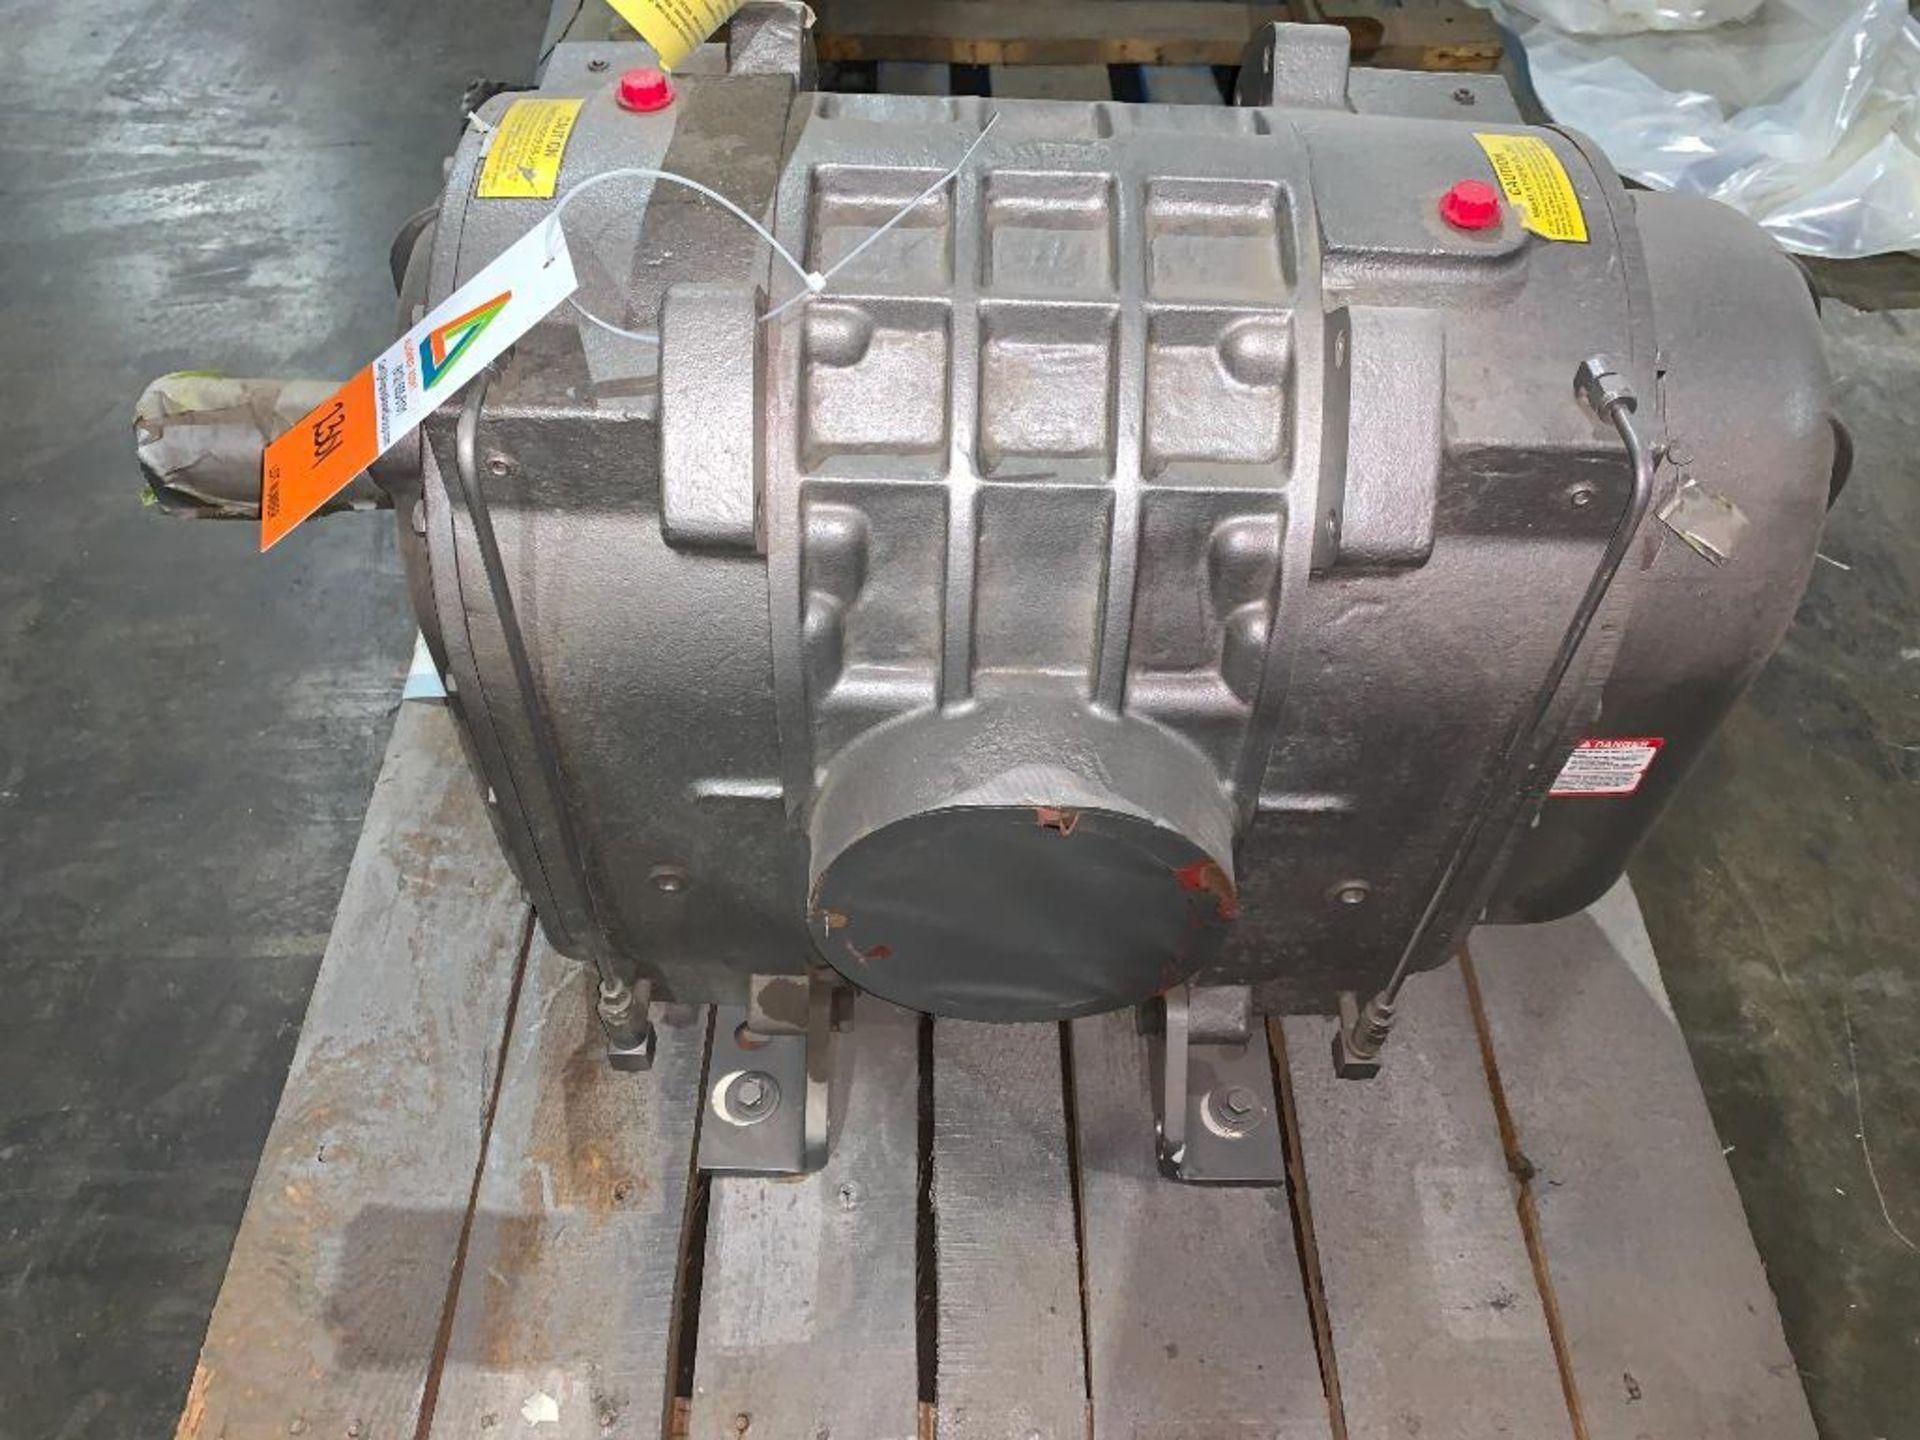 Gardner Denver rotary positive blower - Image 3 of 7